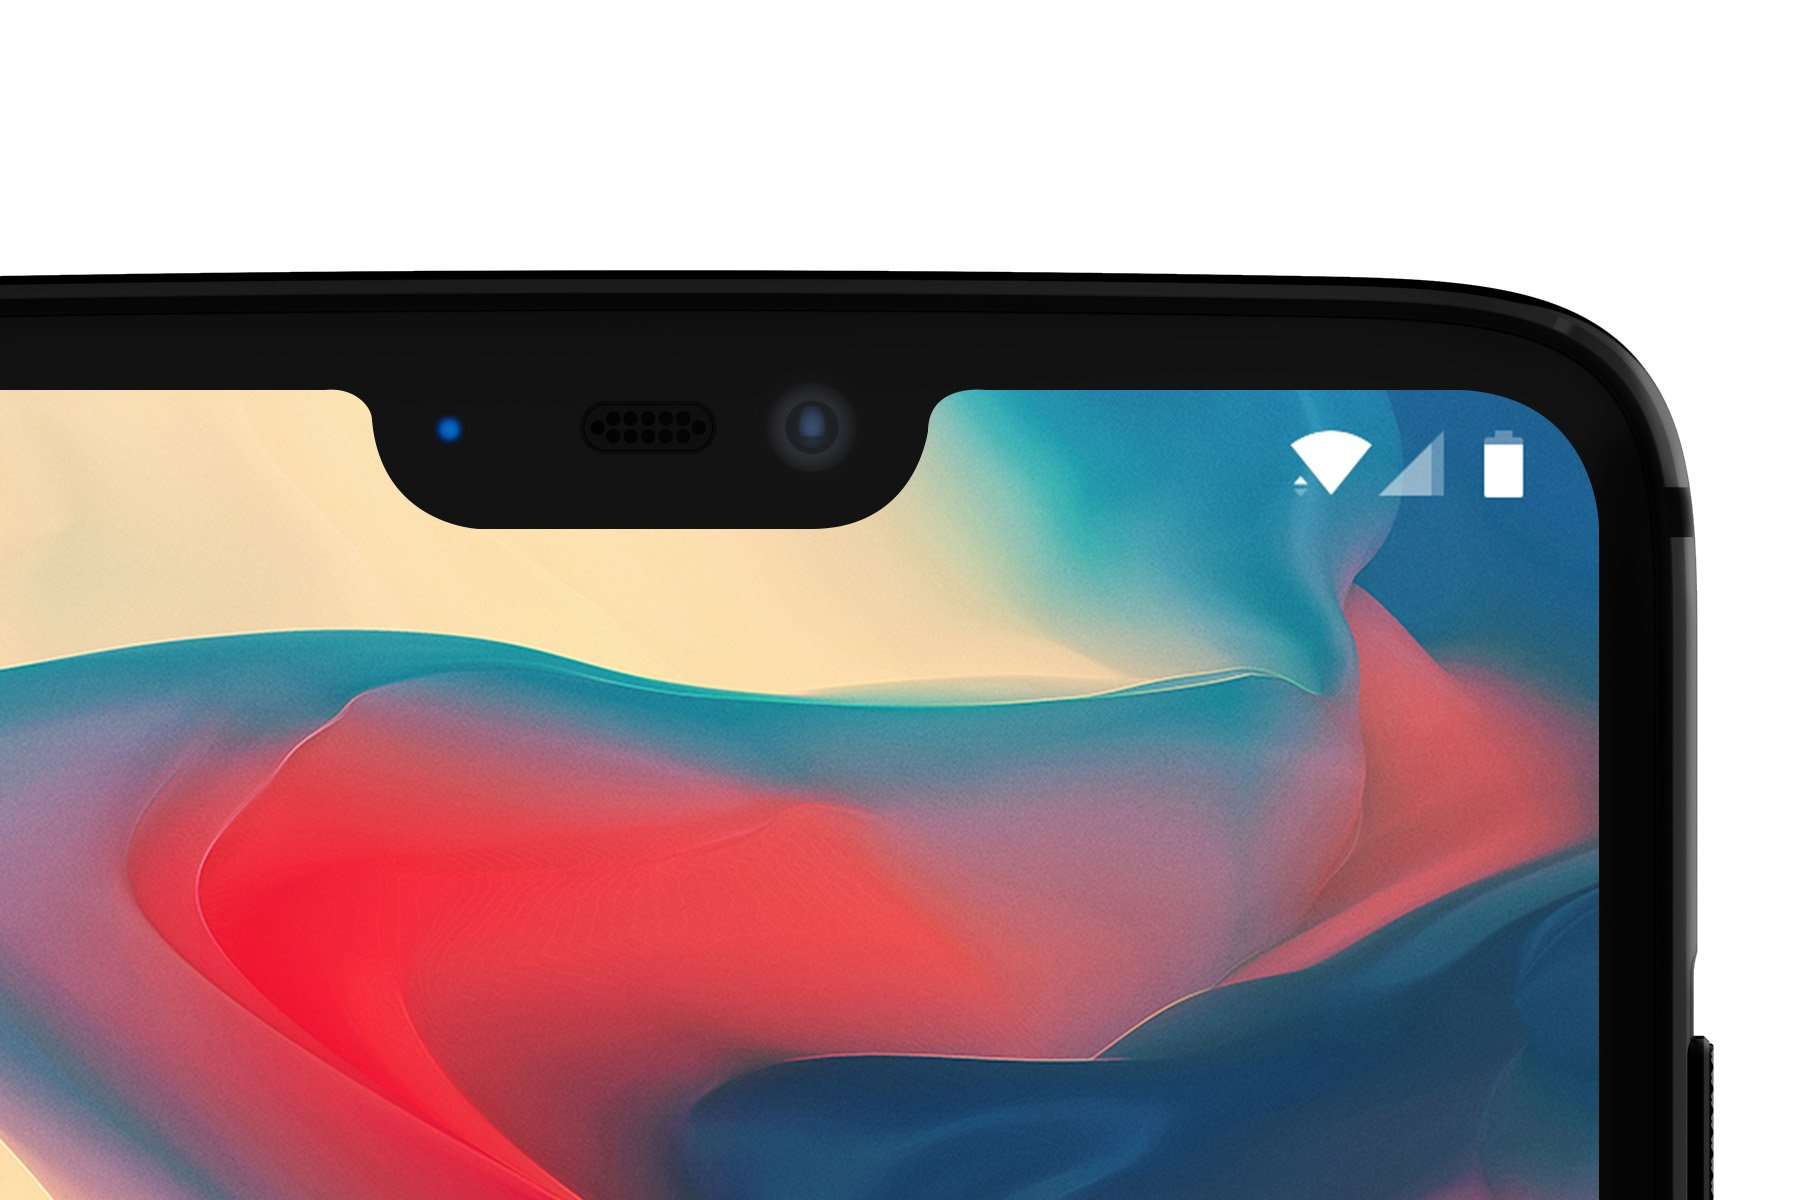 Fim do notch? Oppo e Xiaomi mostram smartphones com câmeras debaixo da tela